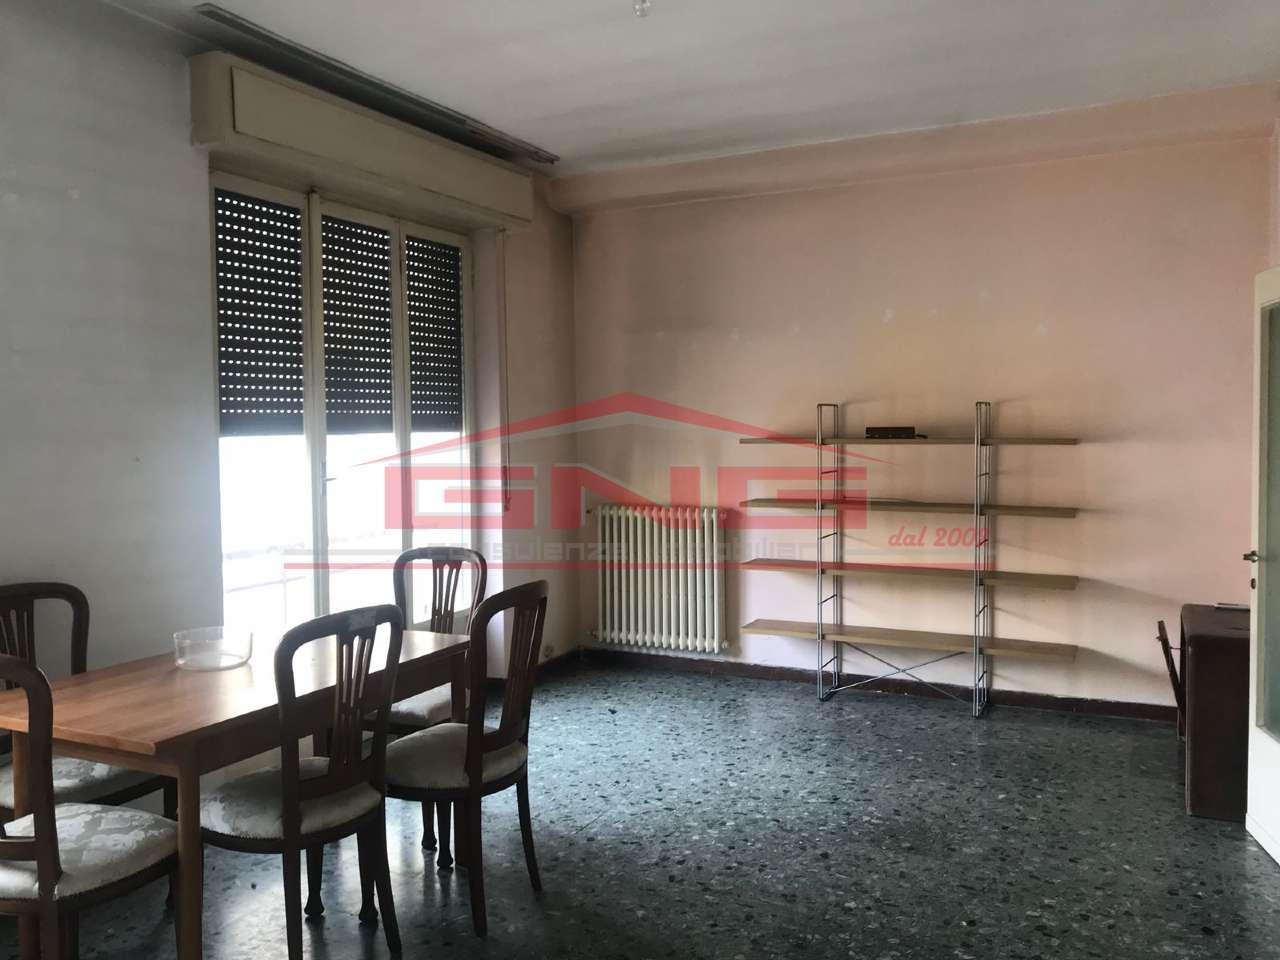 Appartamento in vendita a Melegnano, 3 locali, prezzo € 120.000 | CambioCasa.it